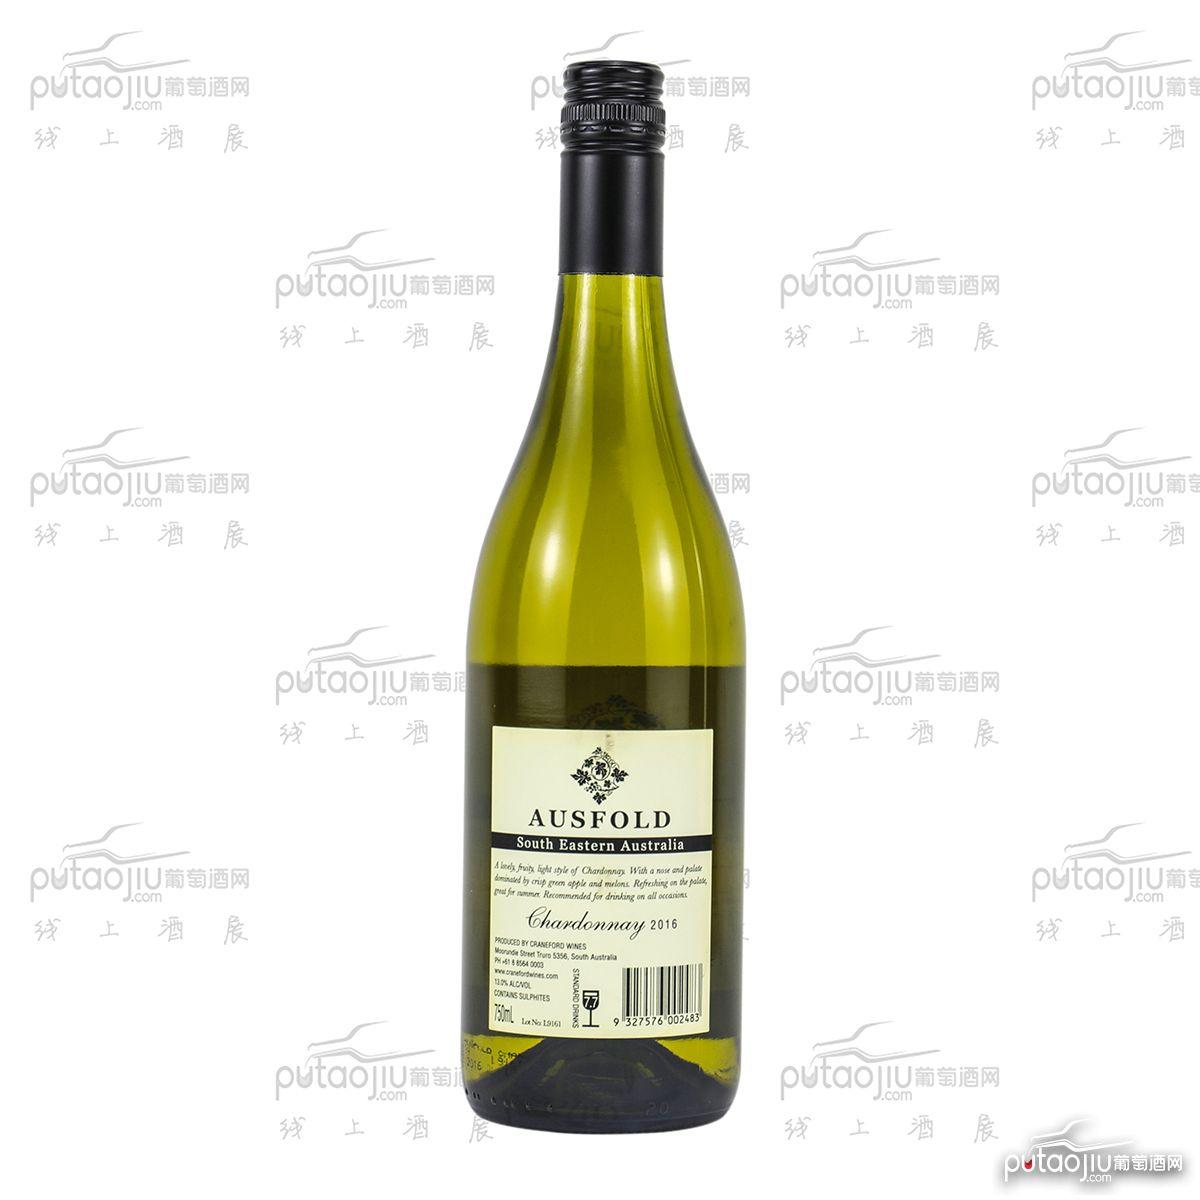 澳大利亚巴罗萨山谷奥里赫酒庄668霞多丽干白葡萄酒